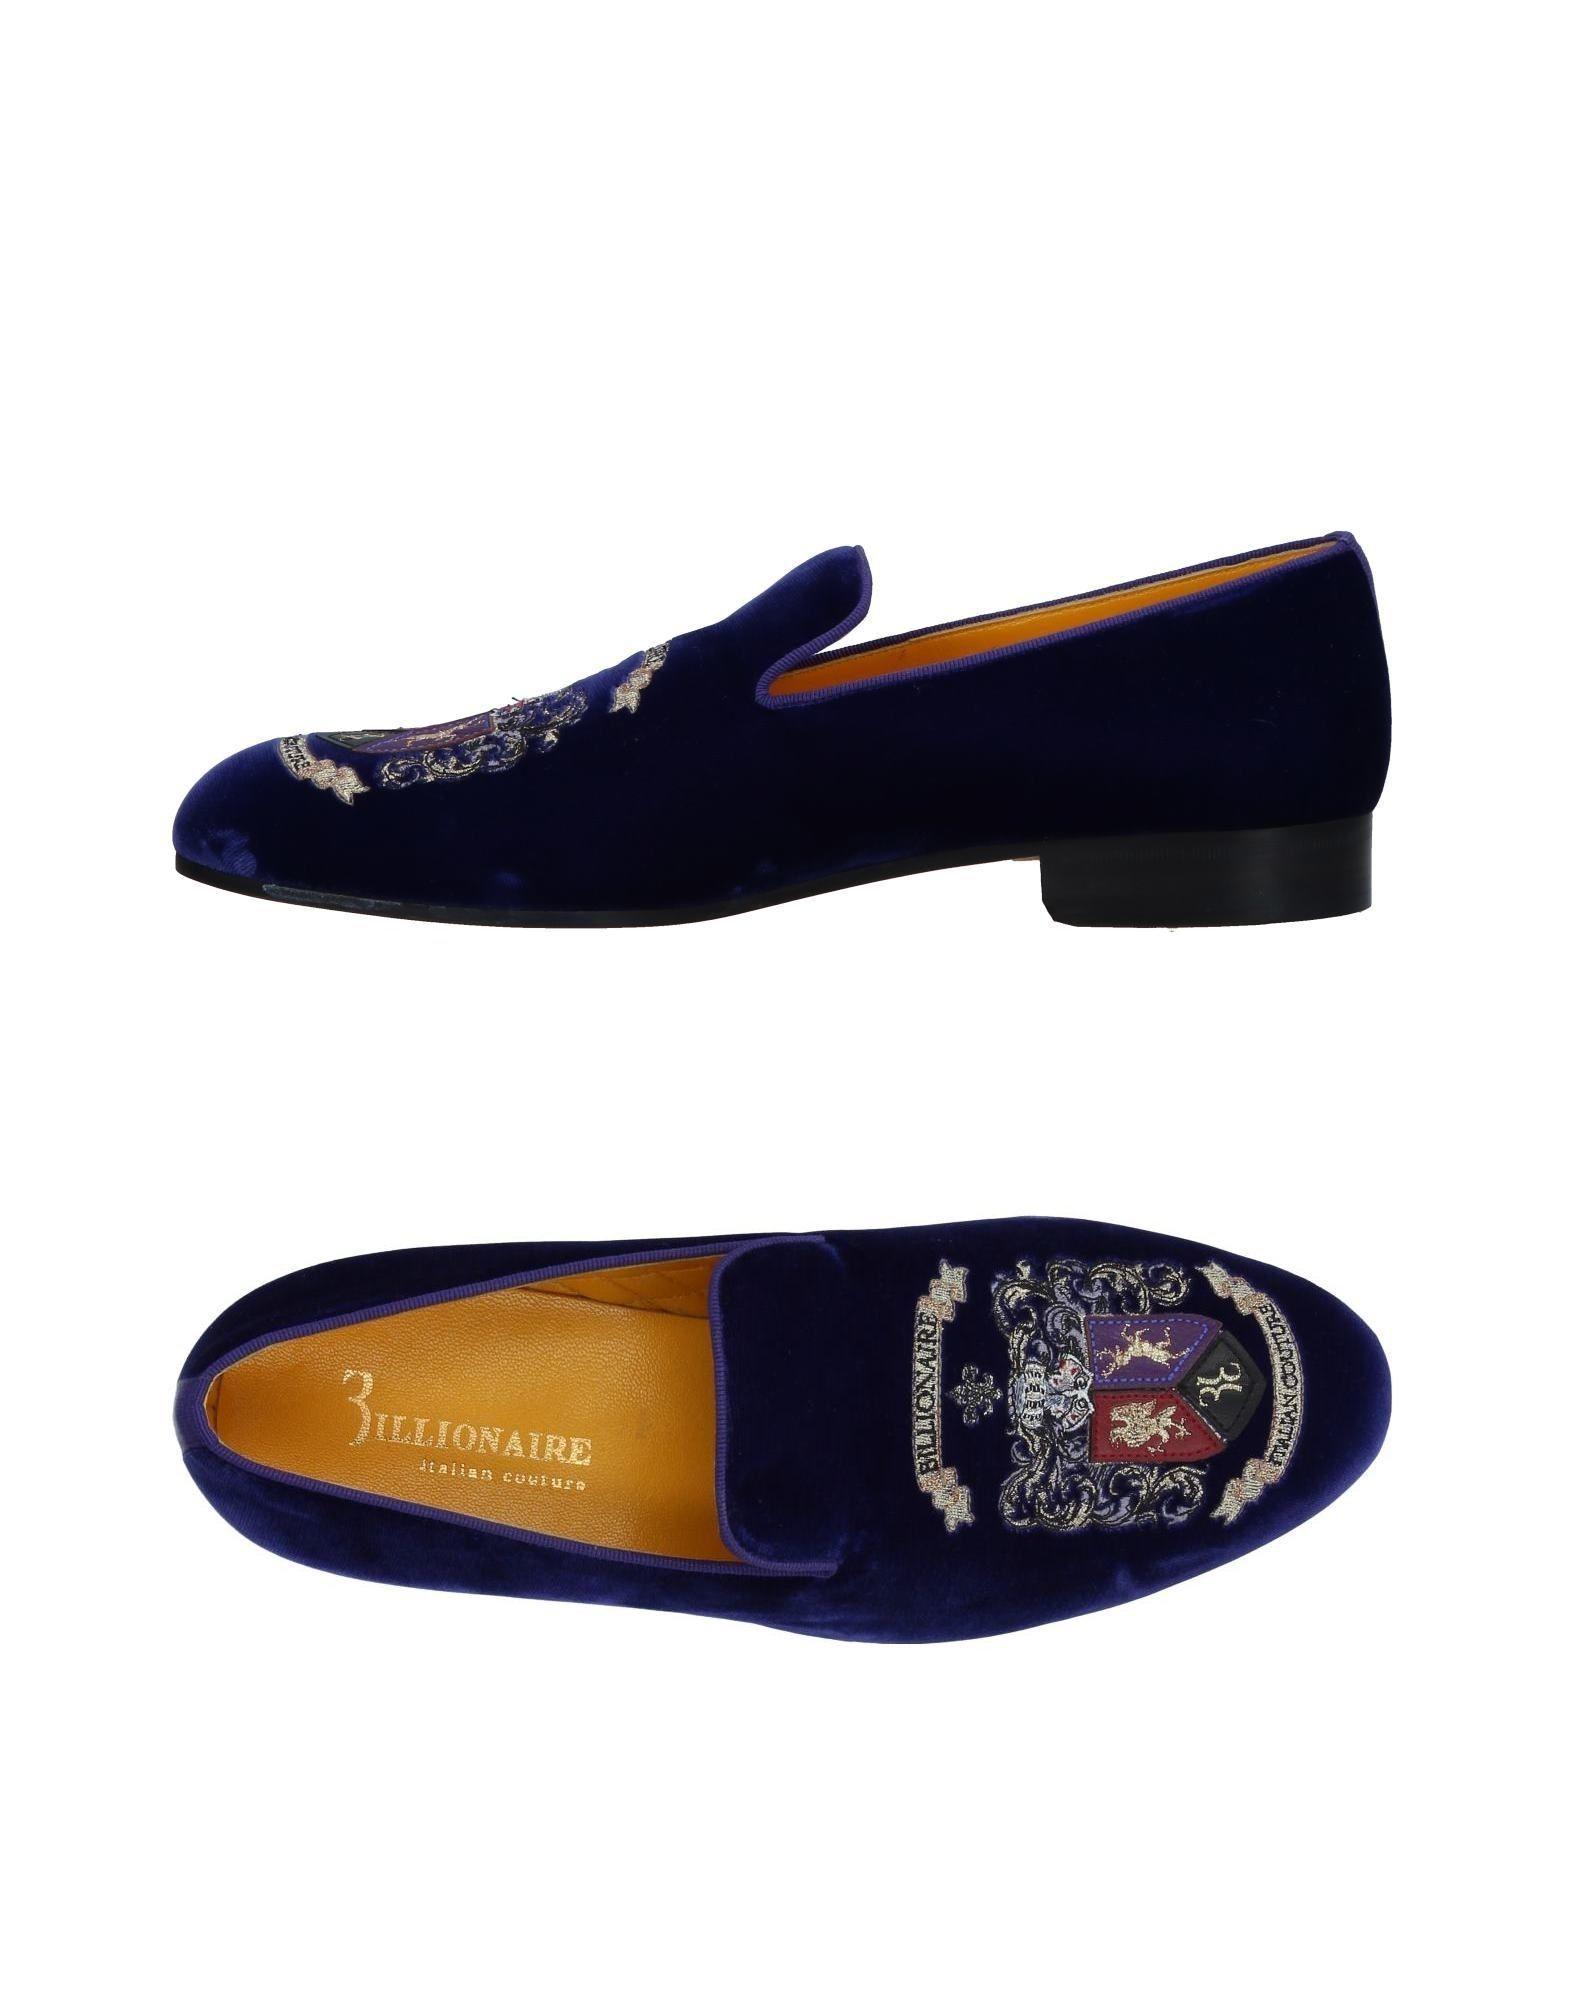 b9ce8759c5f9 BILLIONAIRE .  billionaire  shoes